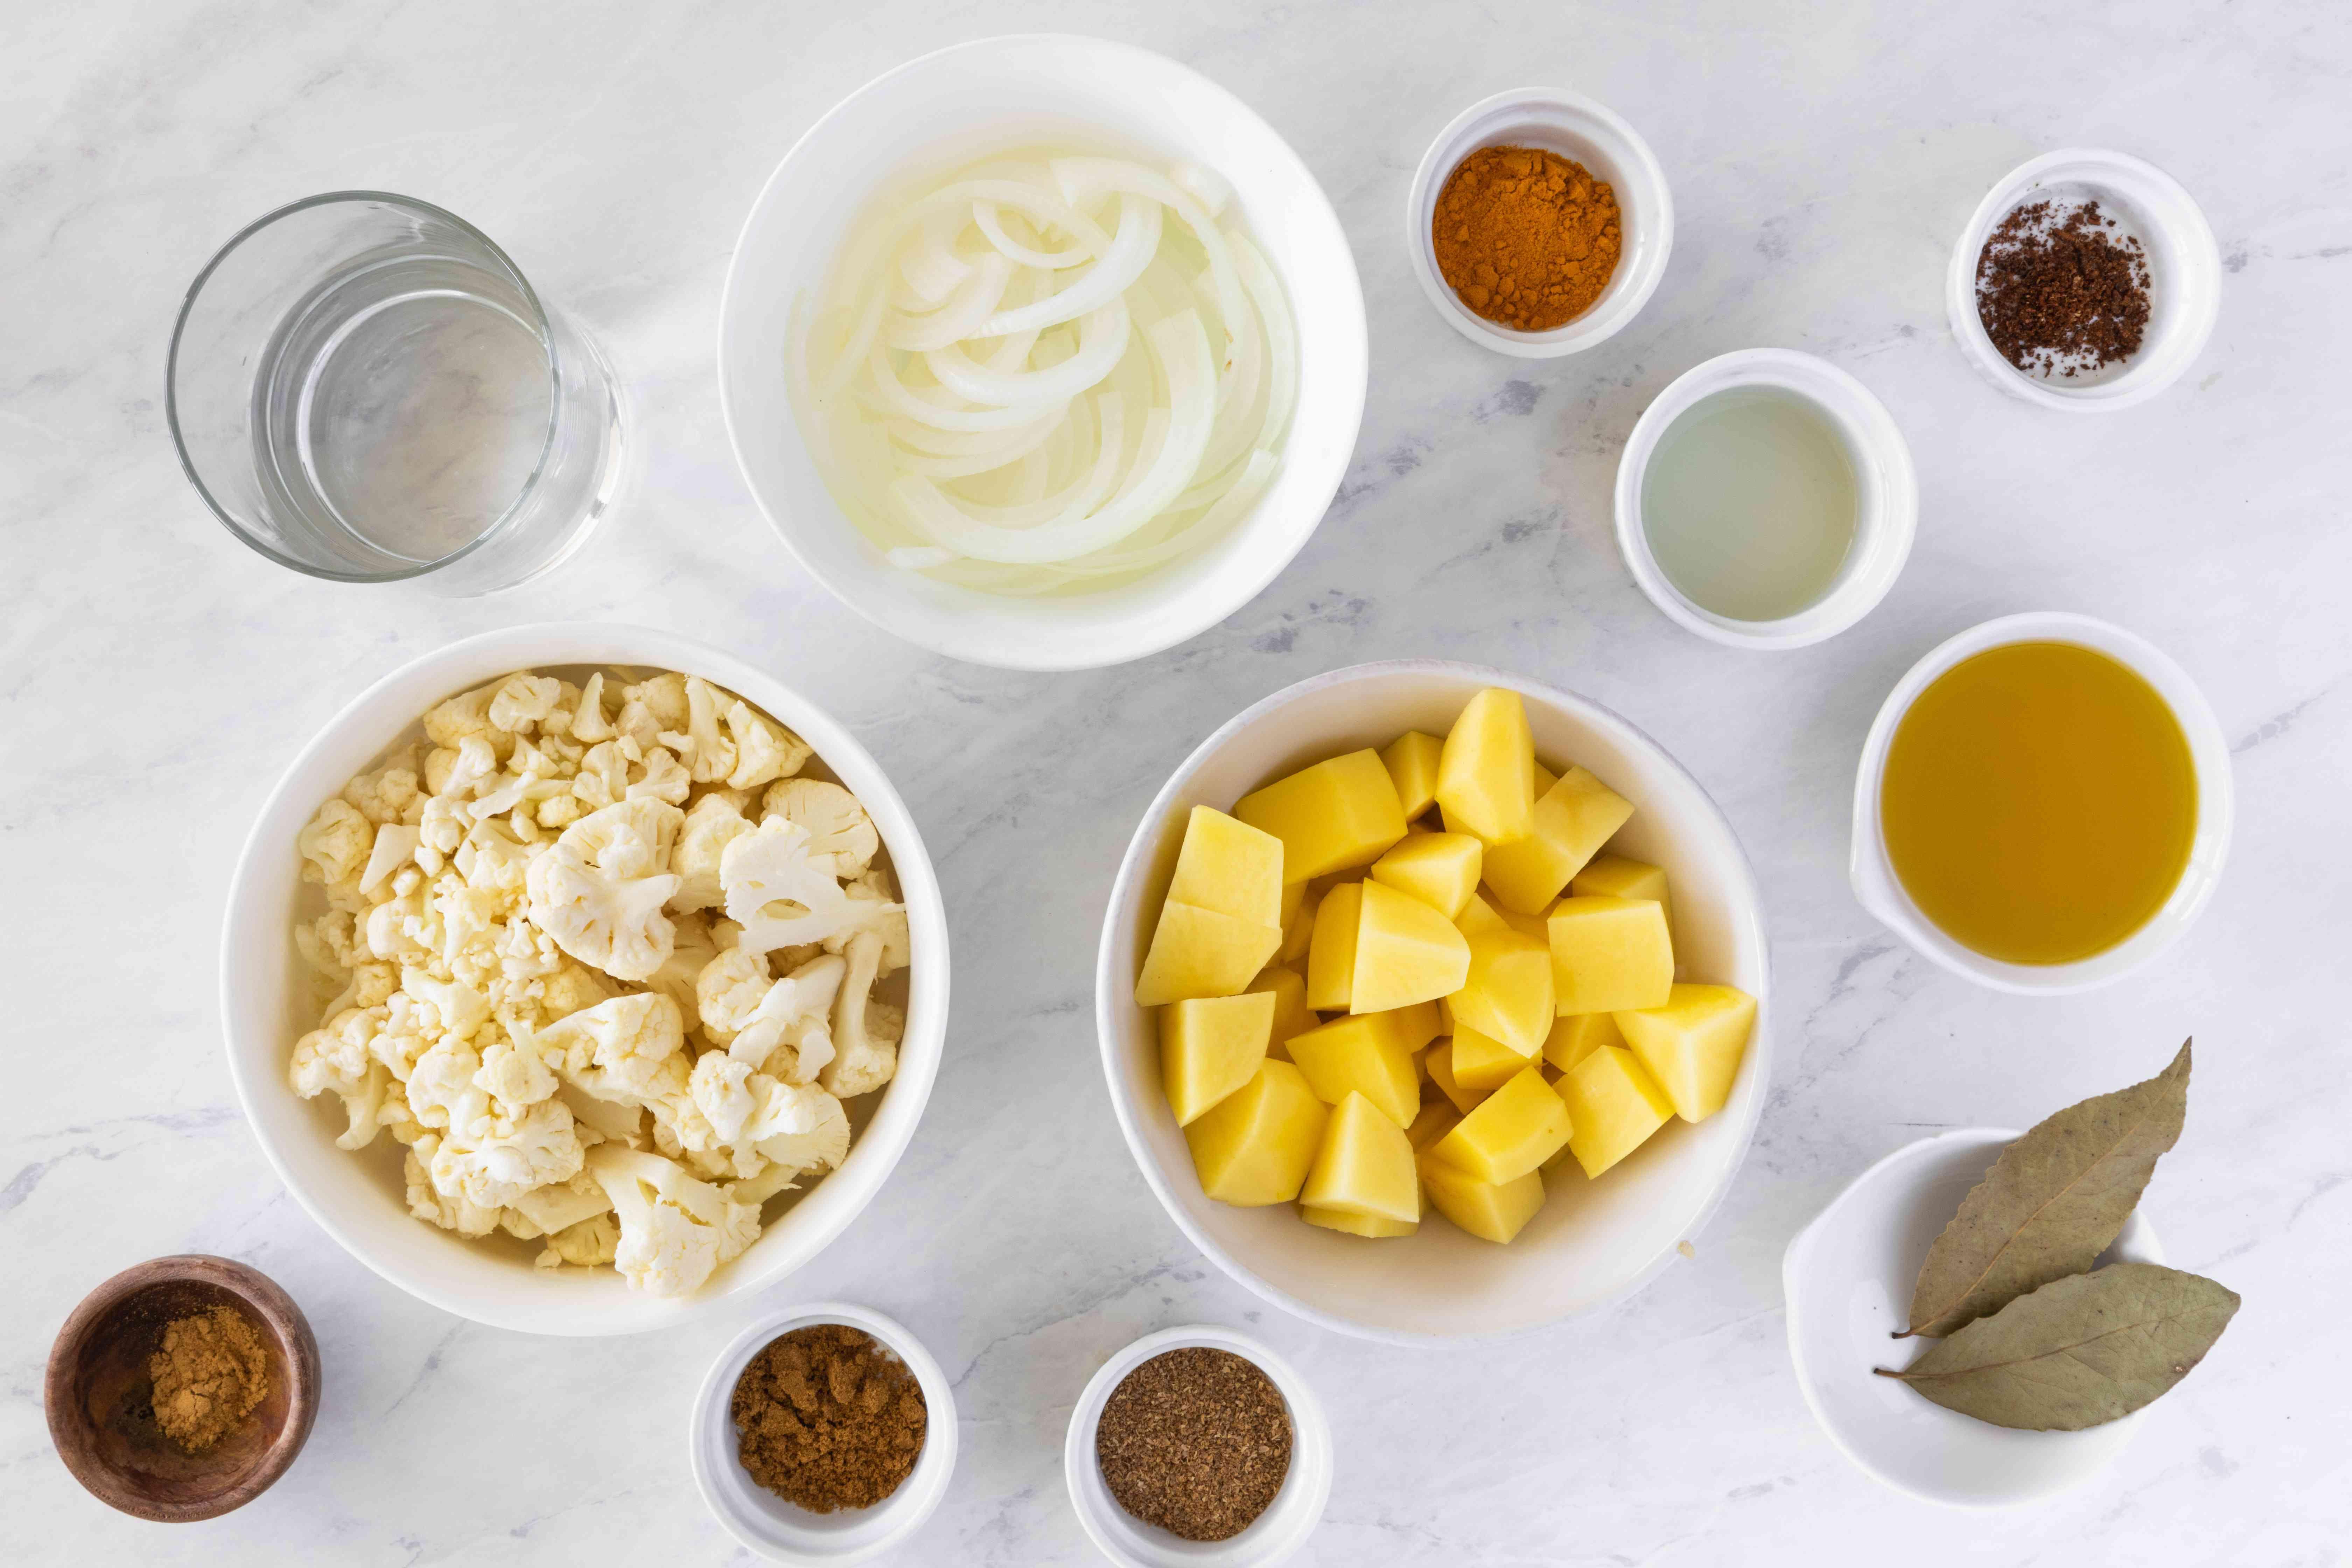 Ingredients for aloo gobi